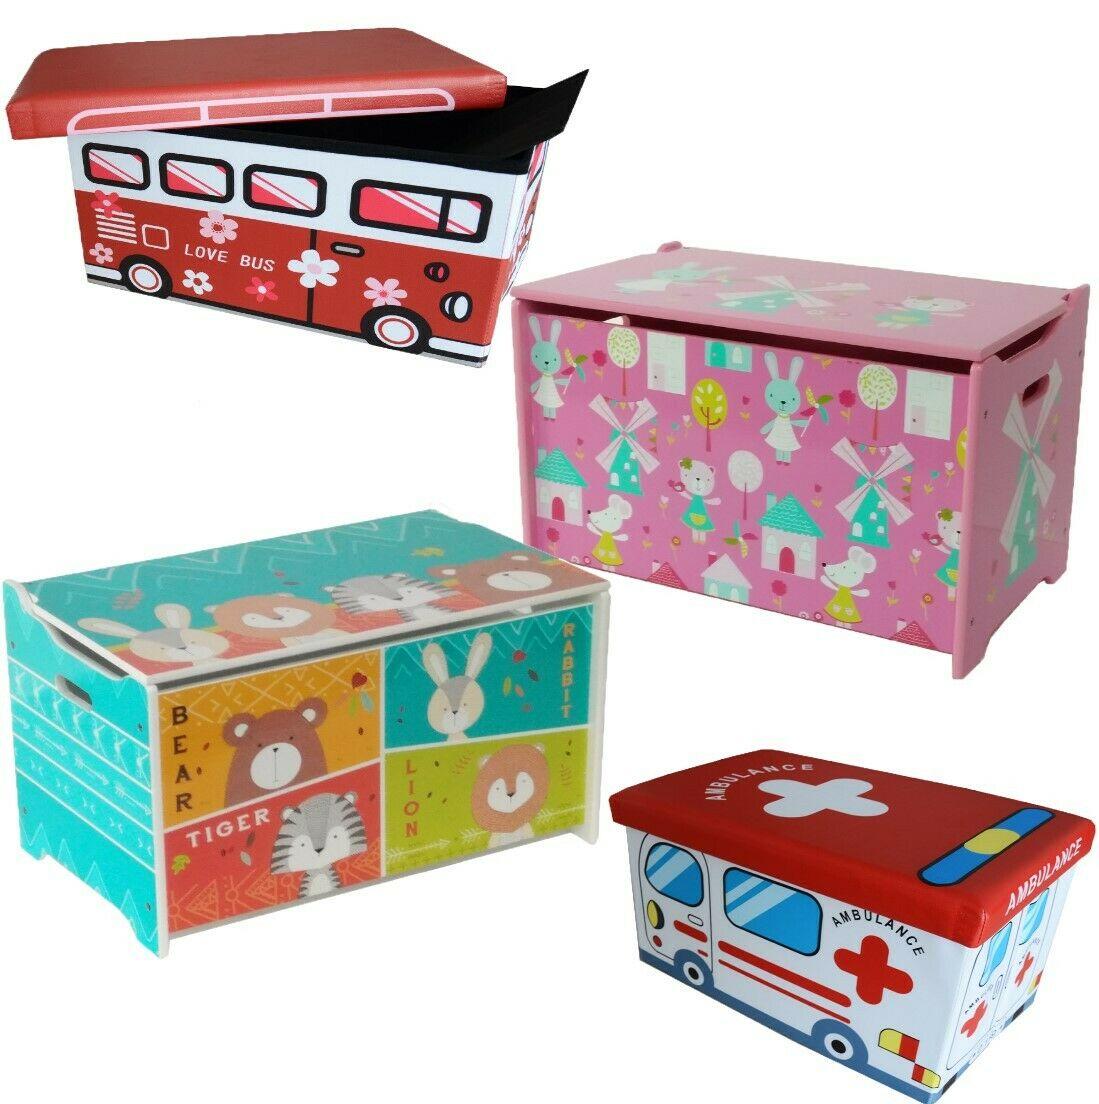 Full Size of Aufbewahrungsbox Mit Deckel Kinderzimmer Aldi Spielzeugkiste Aufbewahrungsbokinderzimmer Truhenbank Spiegelschrank Bad Beleuchtung Und Steckdose Betten Kinderzimmer Aufbewahrungsbox Mit Deckel Kinderzimmer